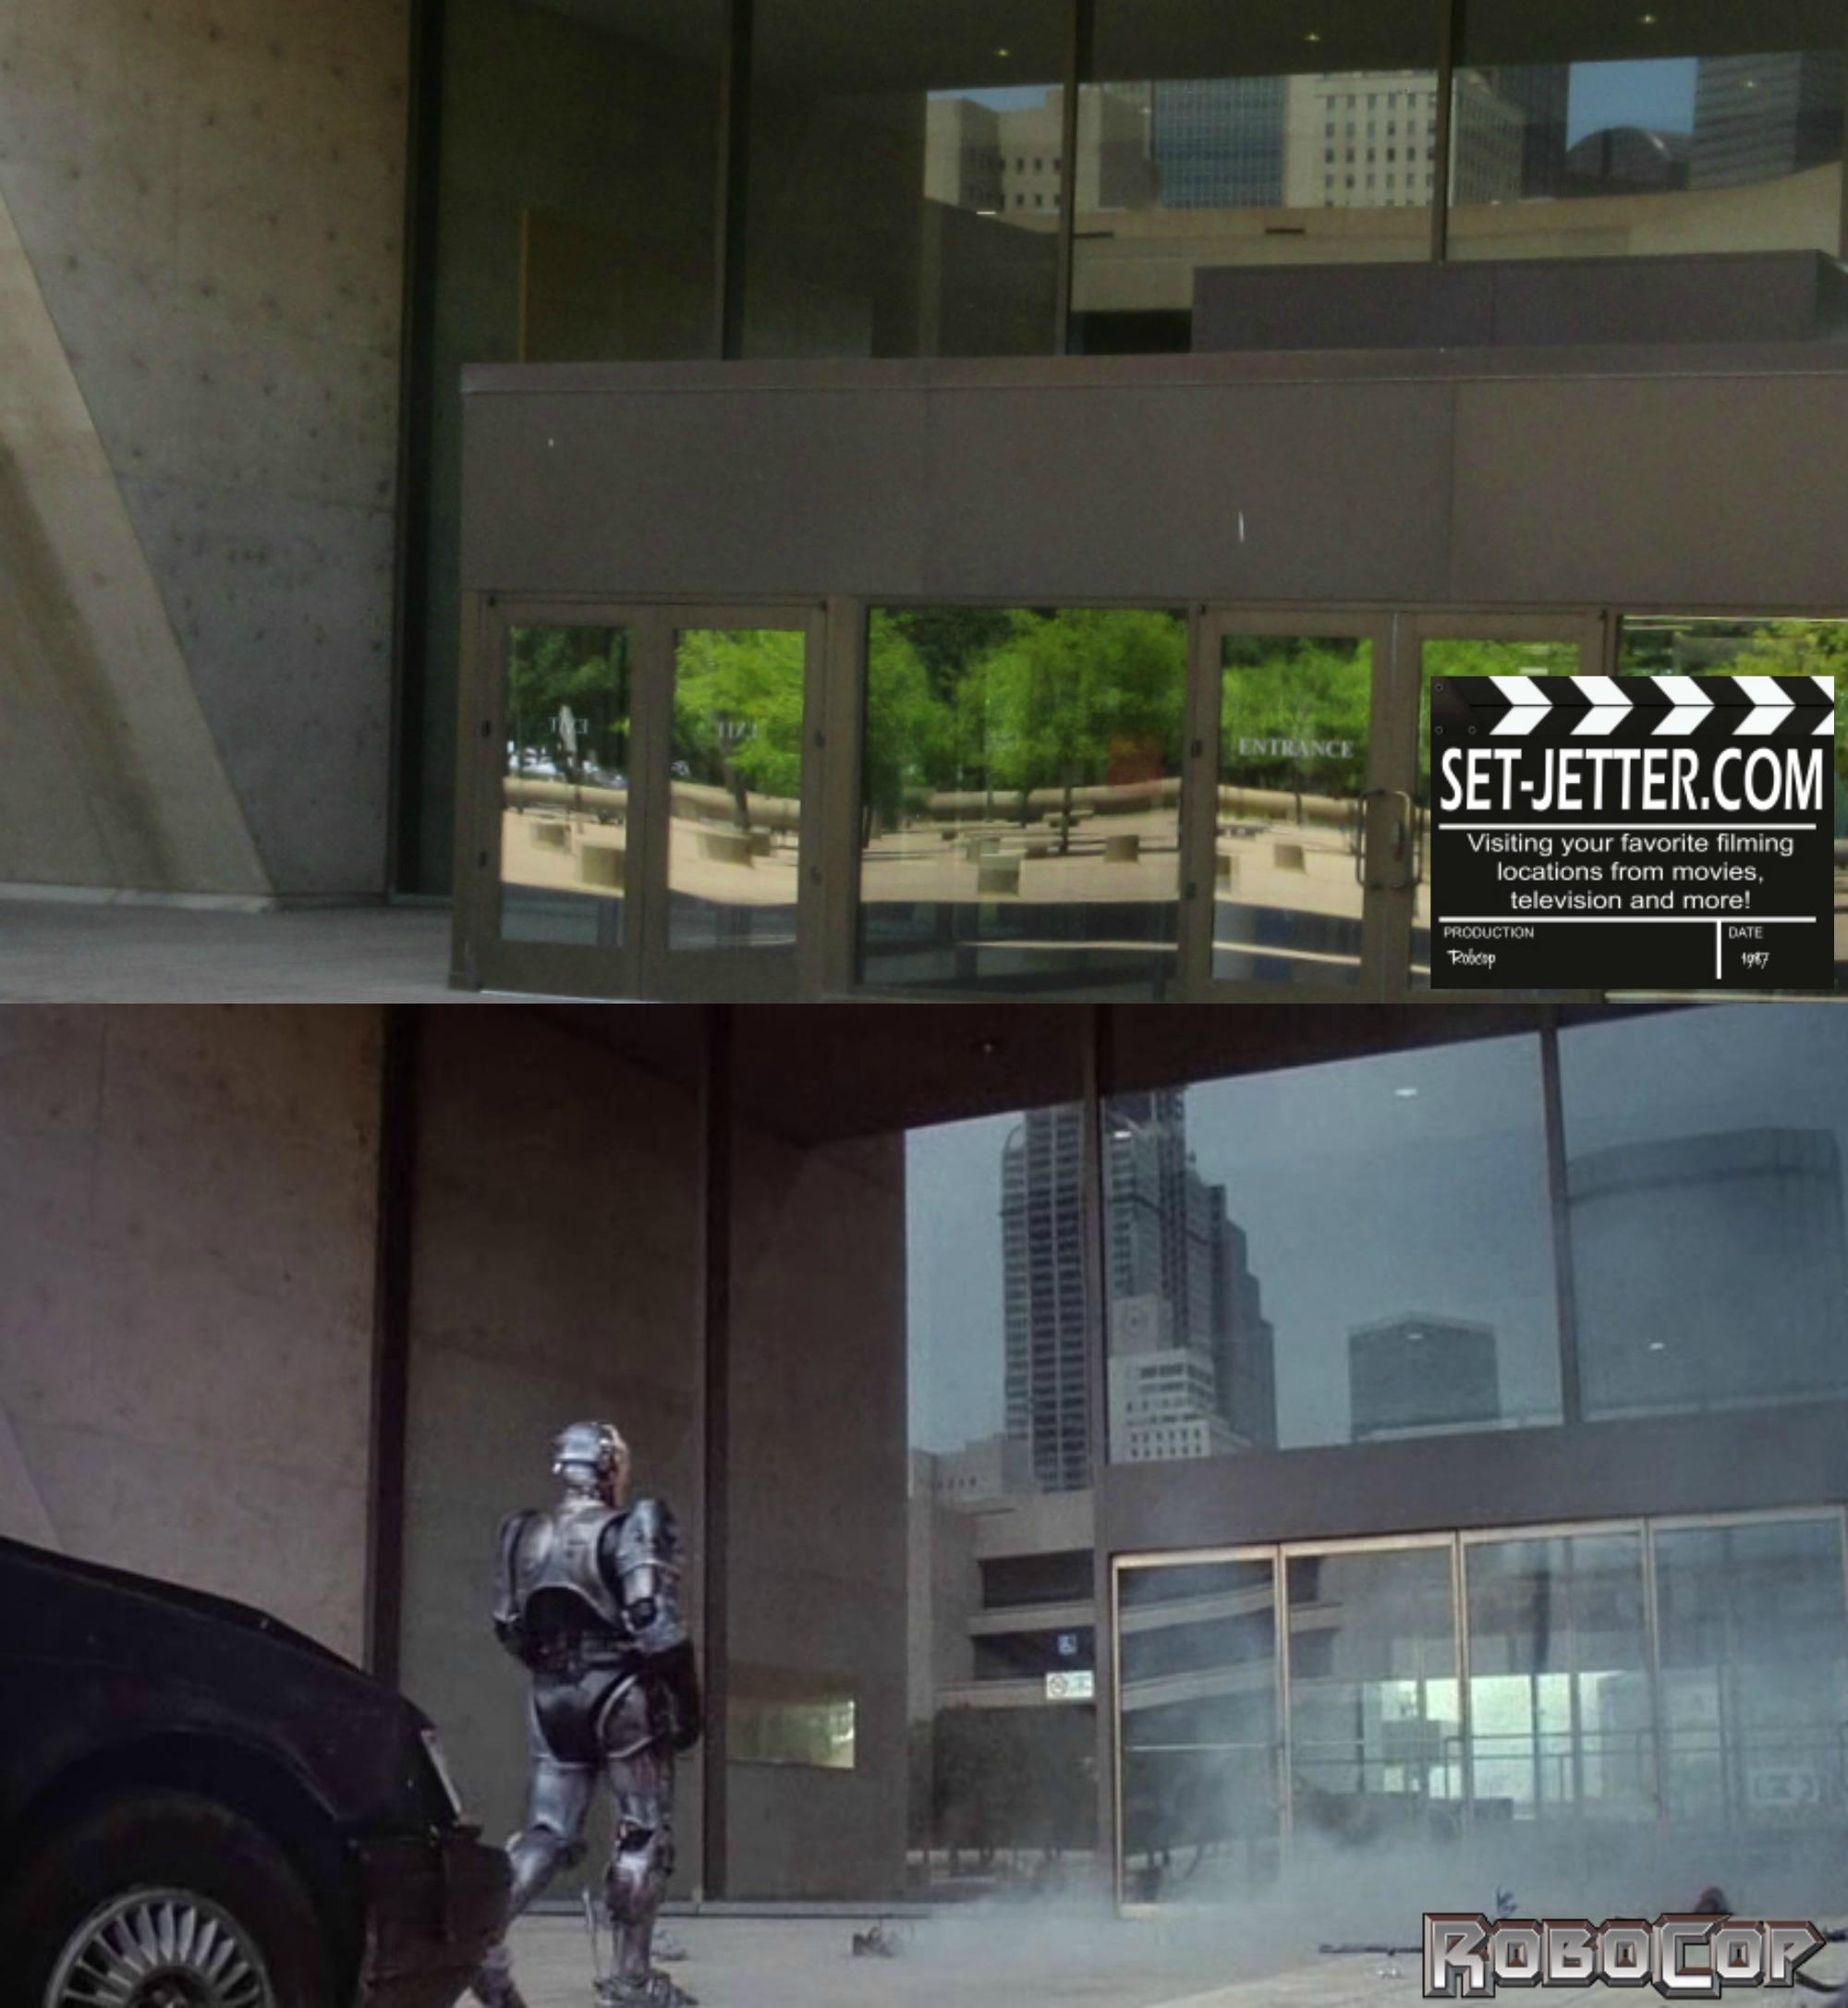 Robocop comparison 177.jpg